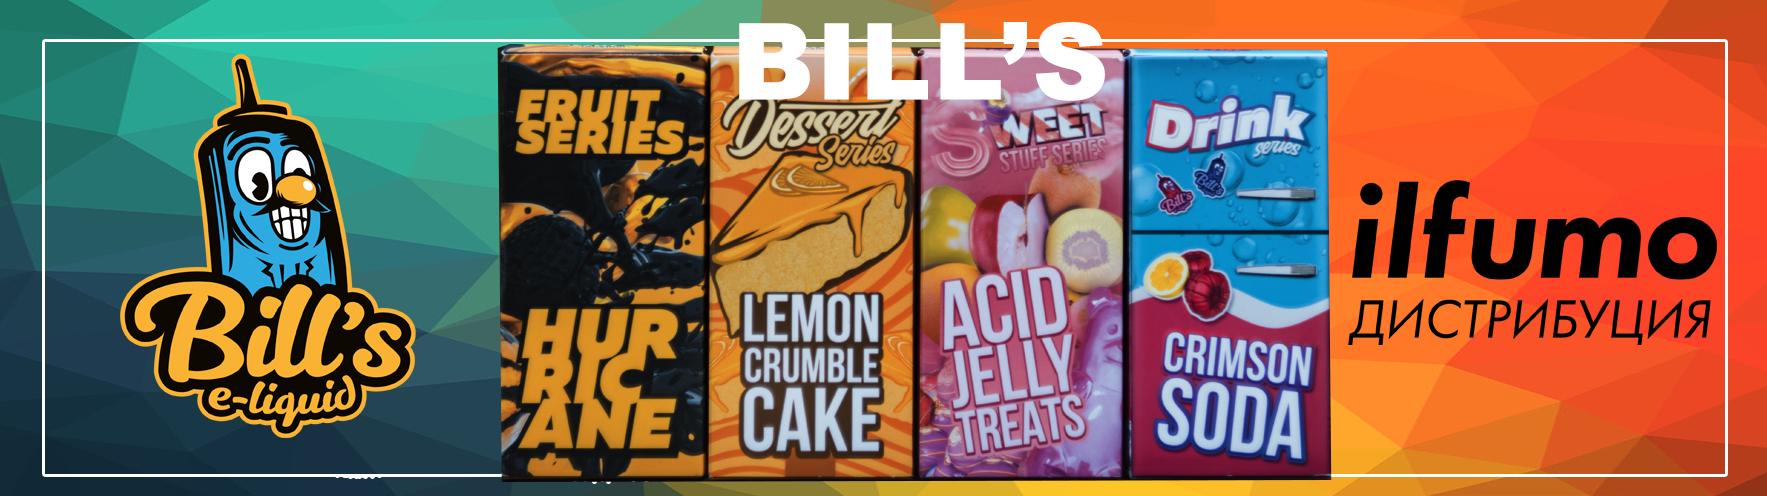 bills ilfumo - Жидкость Bill's